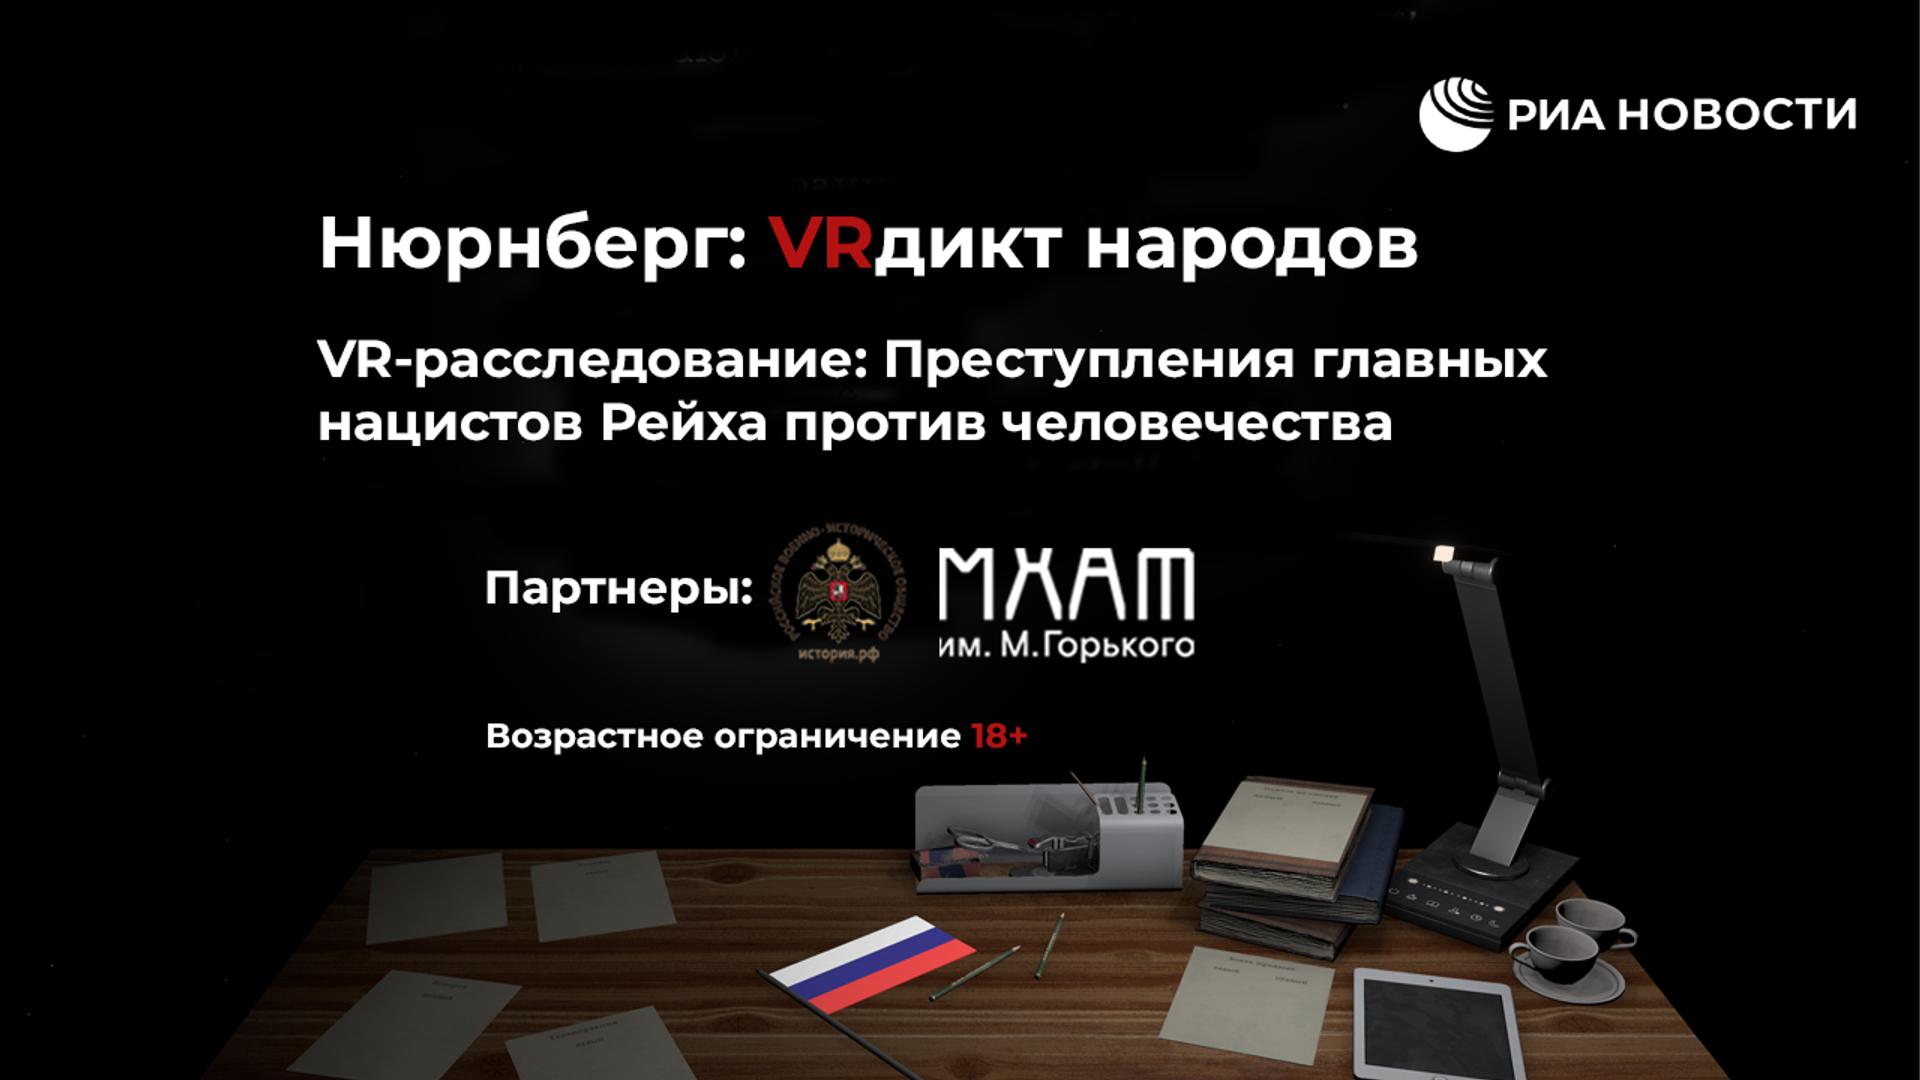 РИА Новости анонсировали выход документального VR-детектива  - Sputnik Абхазия, 1920, 12.10.2021